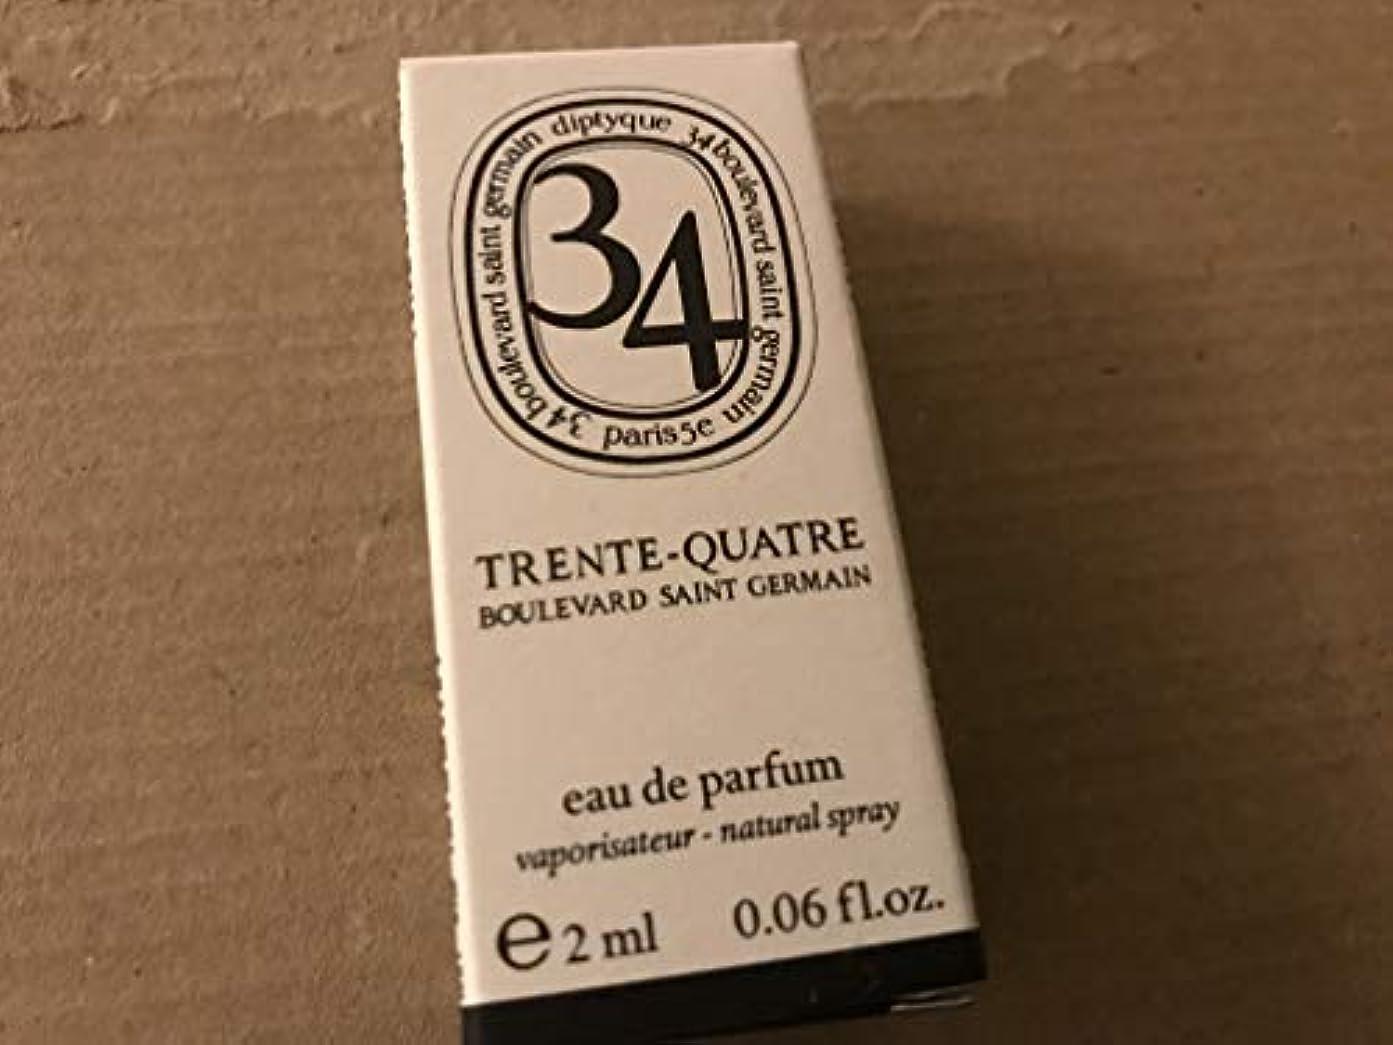 神秘圧縮された夫Diptyque - 34 Trente-Quatre (ディプティック 34 トレンテークワトレ) 0.06 oz (2ml) EDP Spray Sample サンプル